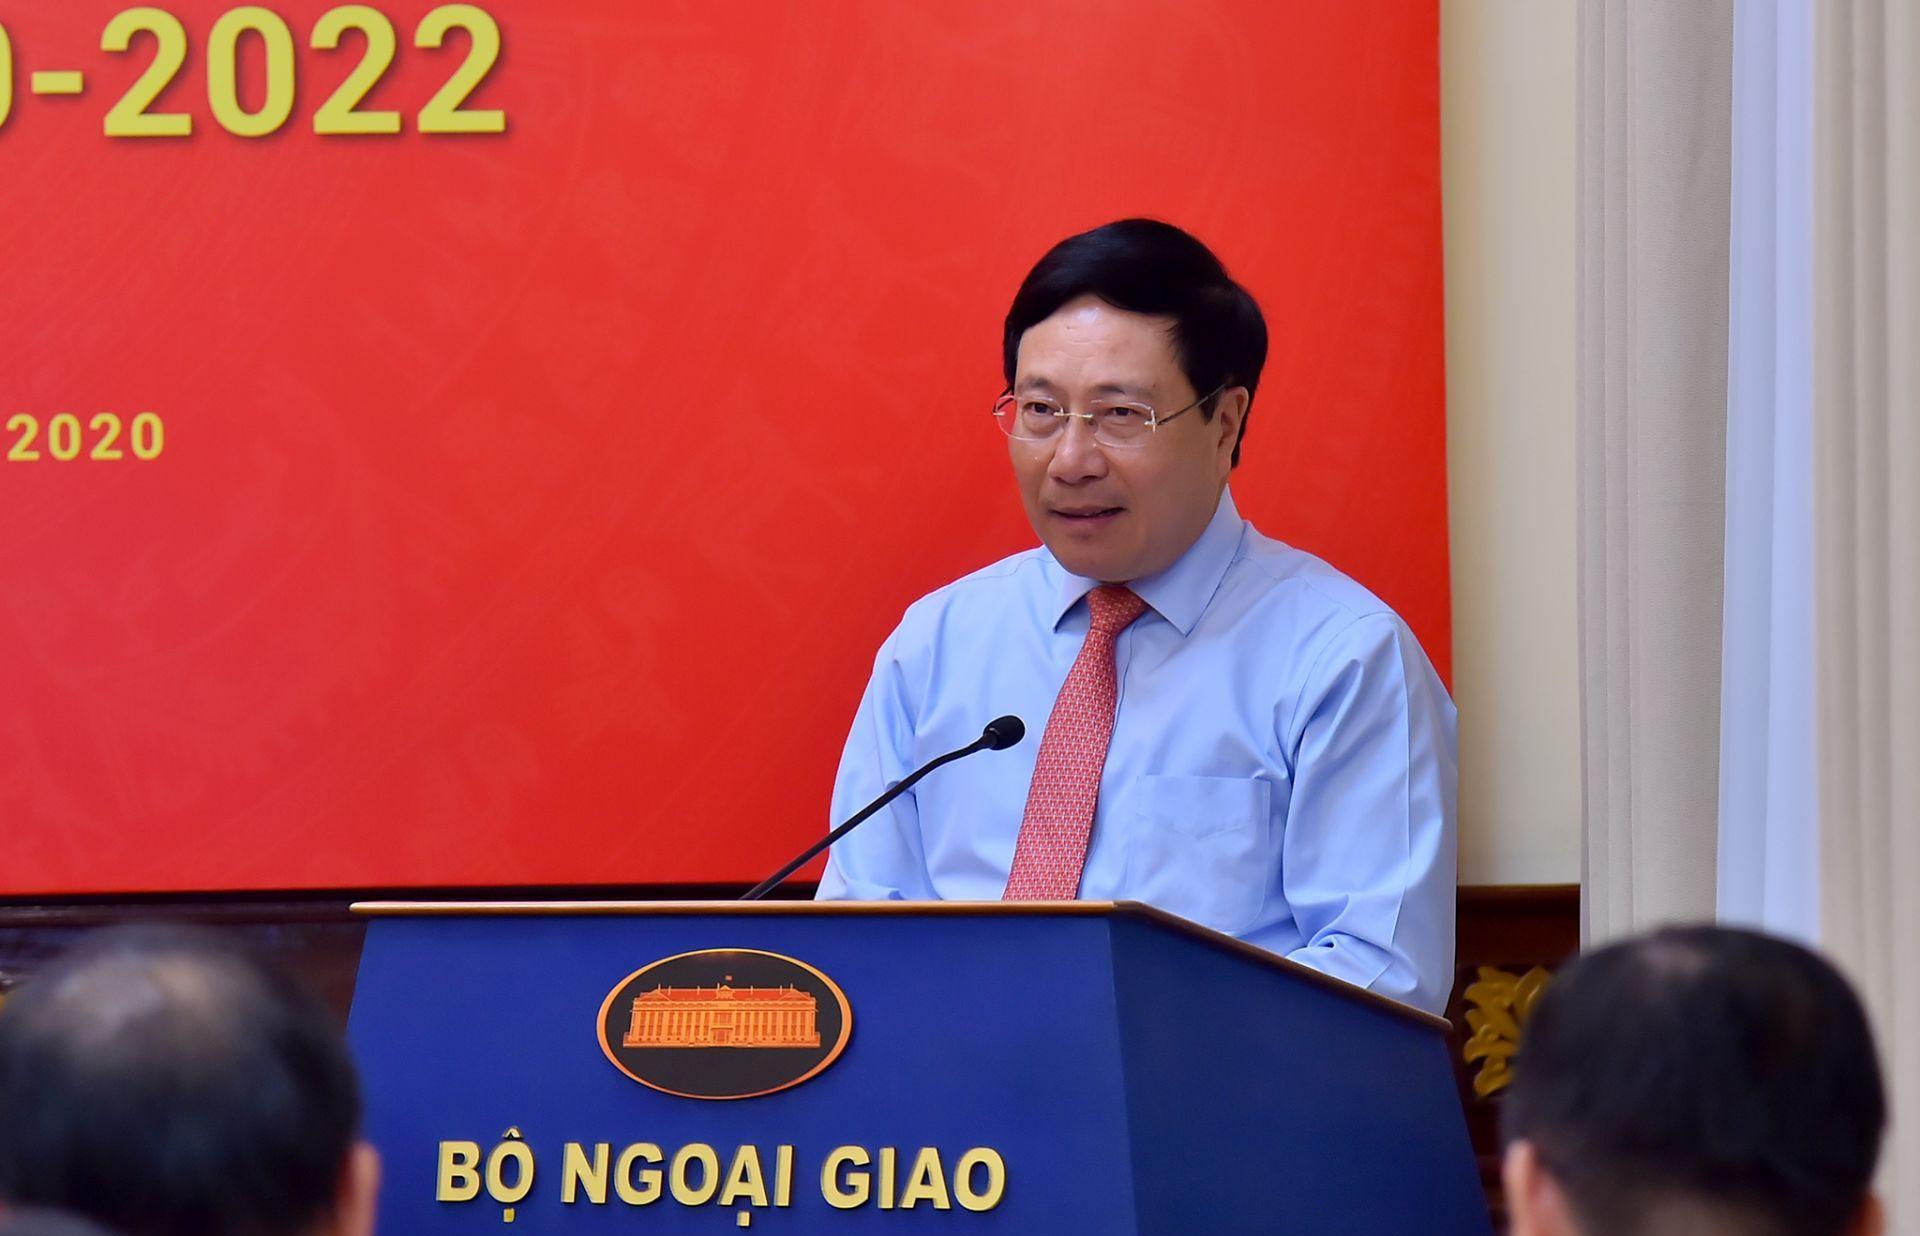 Chi bộ Văn phòng Bộ Ngoại giao tổ chức thành công Đại hội chi bộ nhiệm kỳ 2020-2022